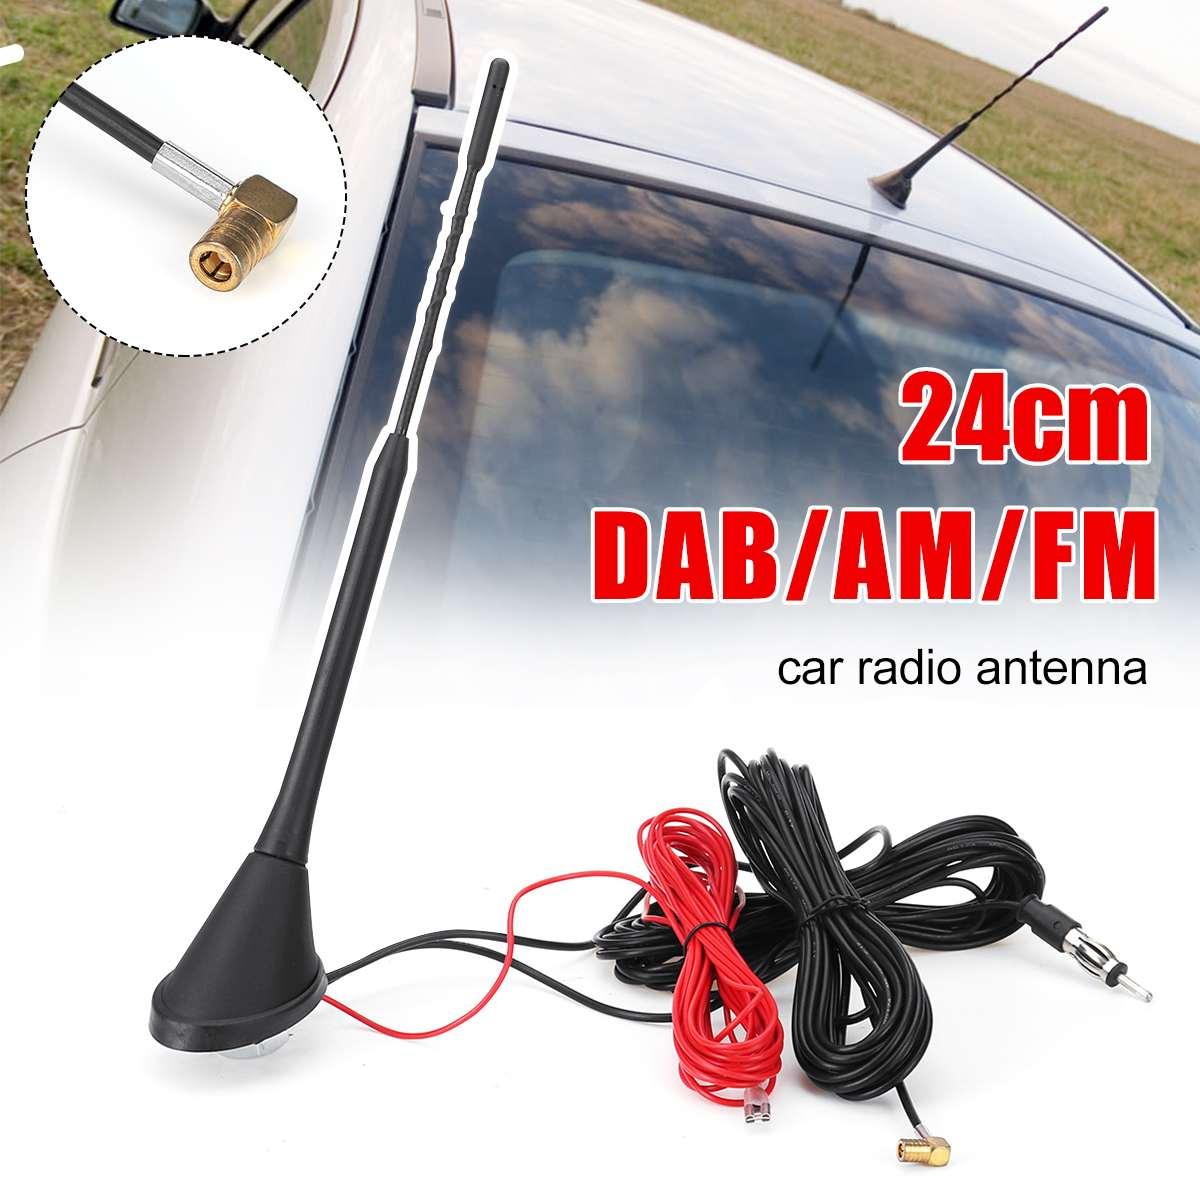 Универсальная верхняя цифровая DAB Антенна 24 см с креплением на крышу с усилителем для DAB AM/FM антенны для автомобильного радио антенна разъем ...